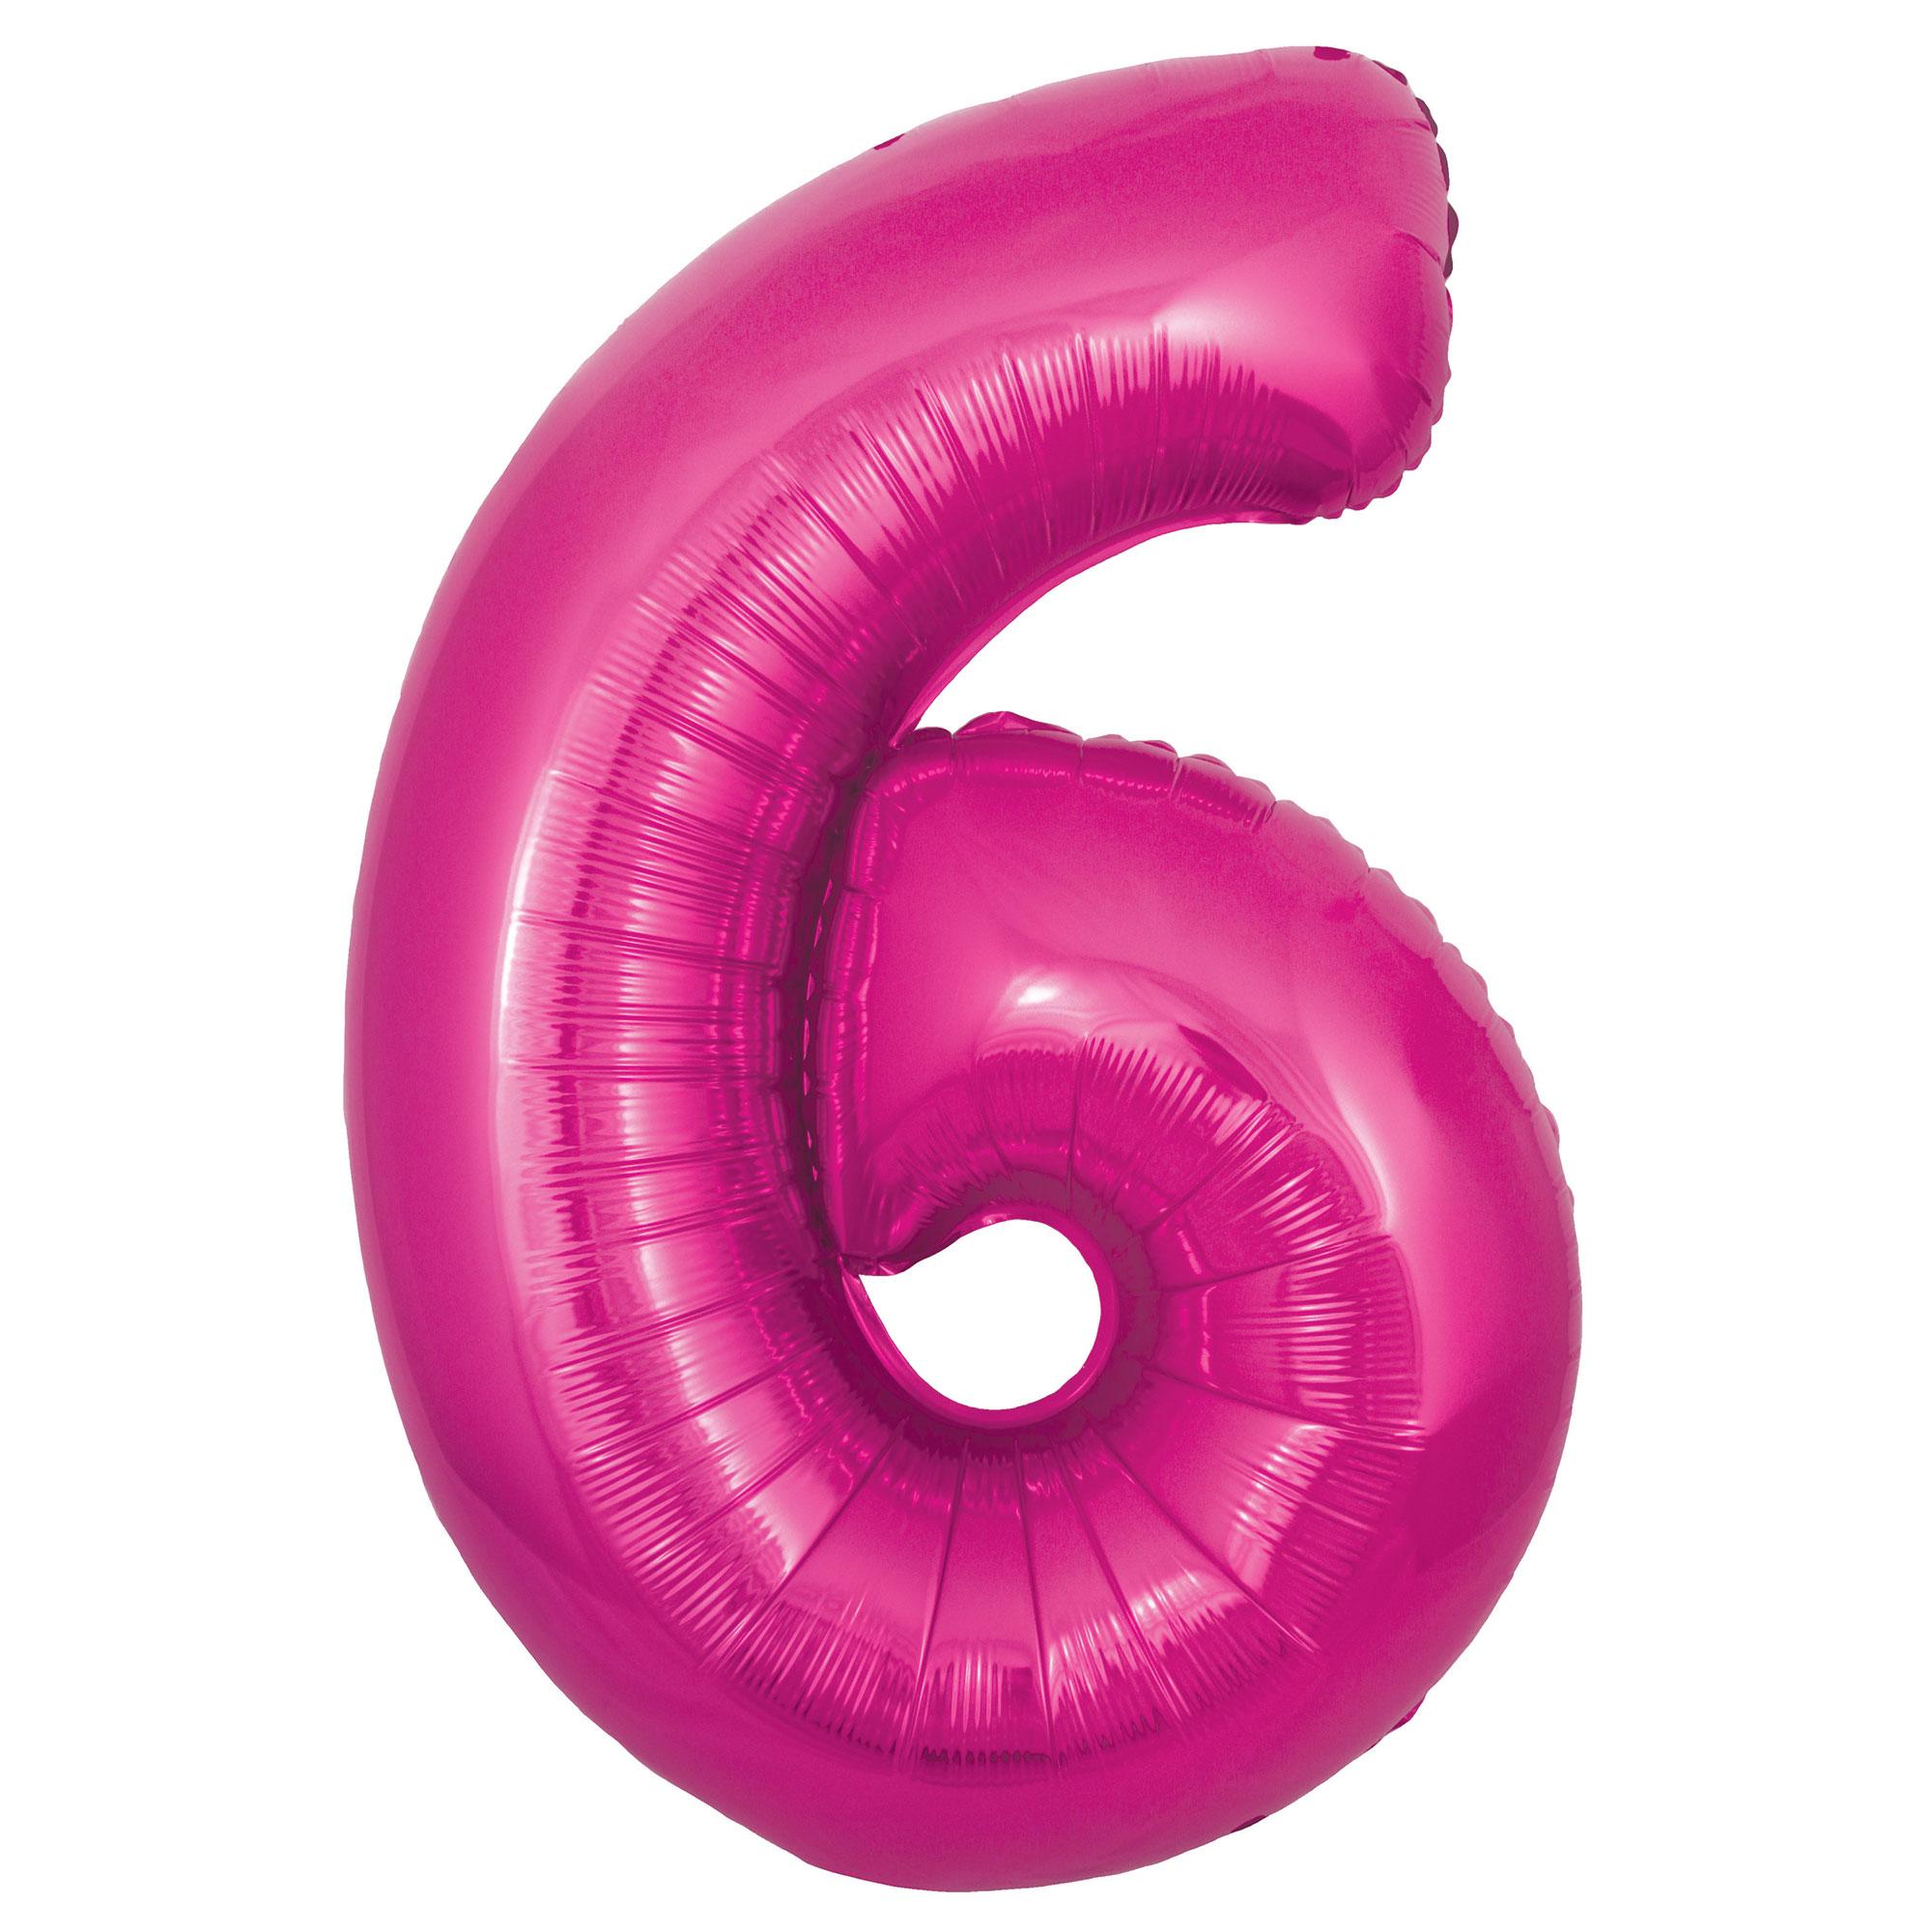 Zahlenballon 6 pink